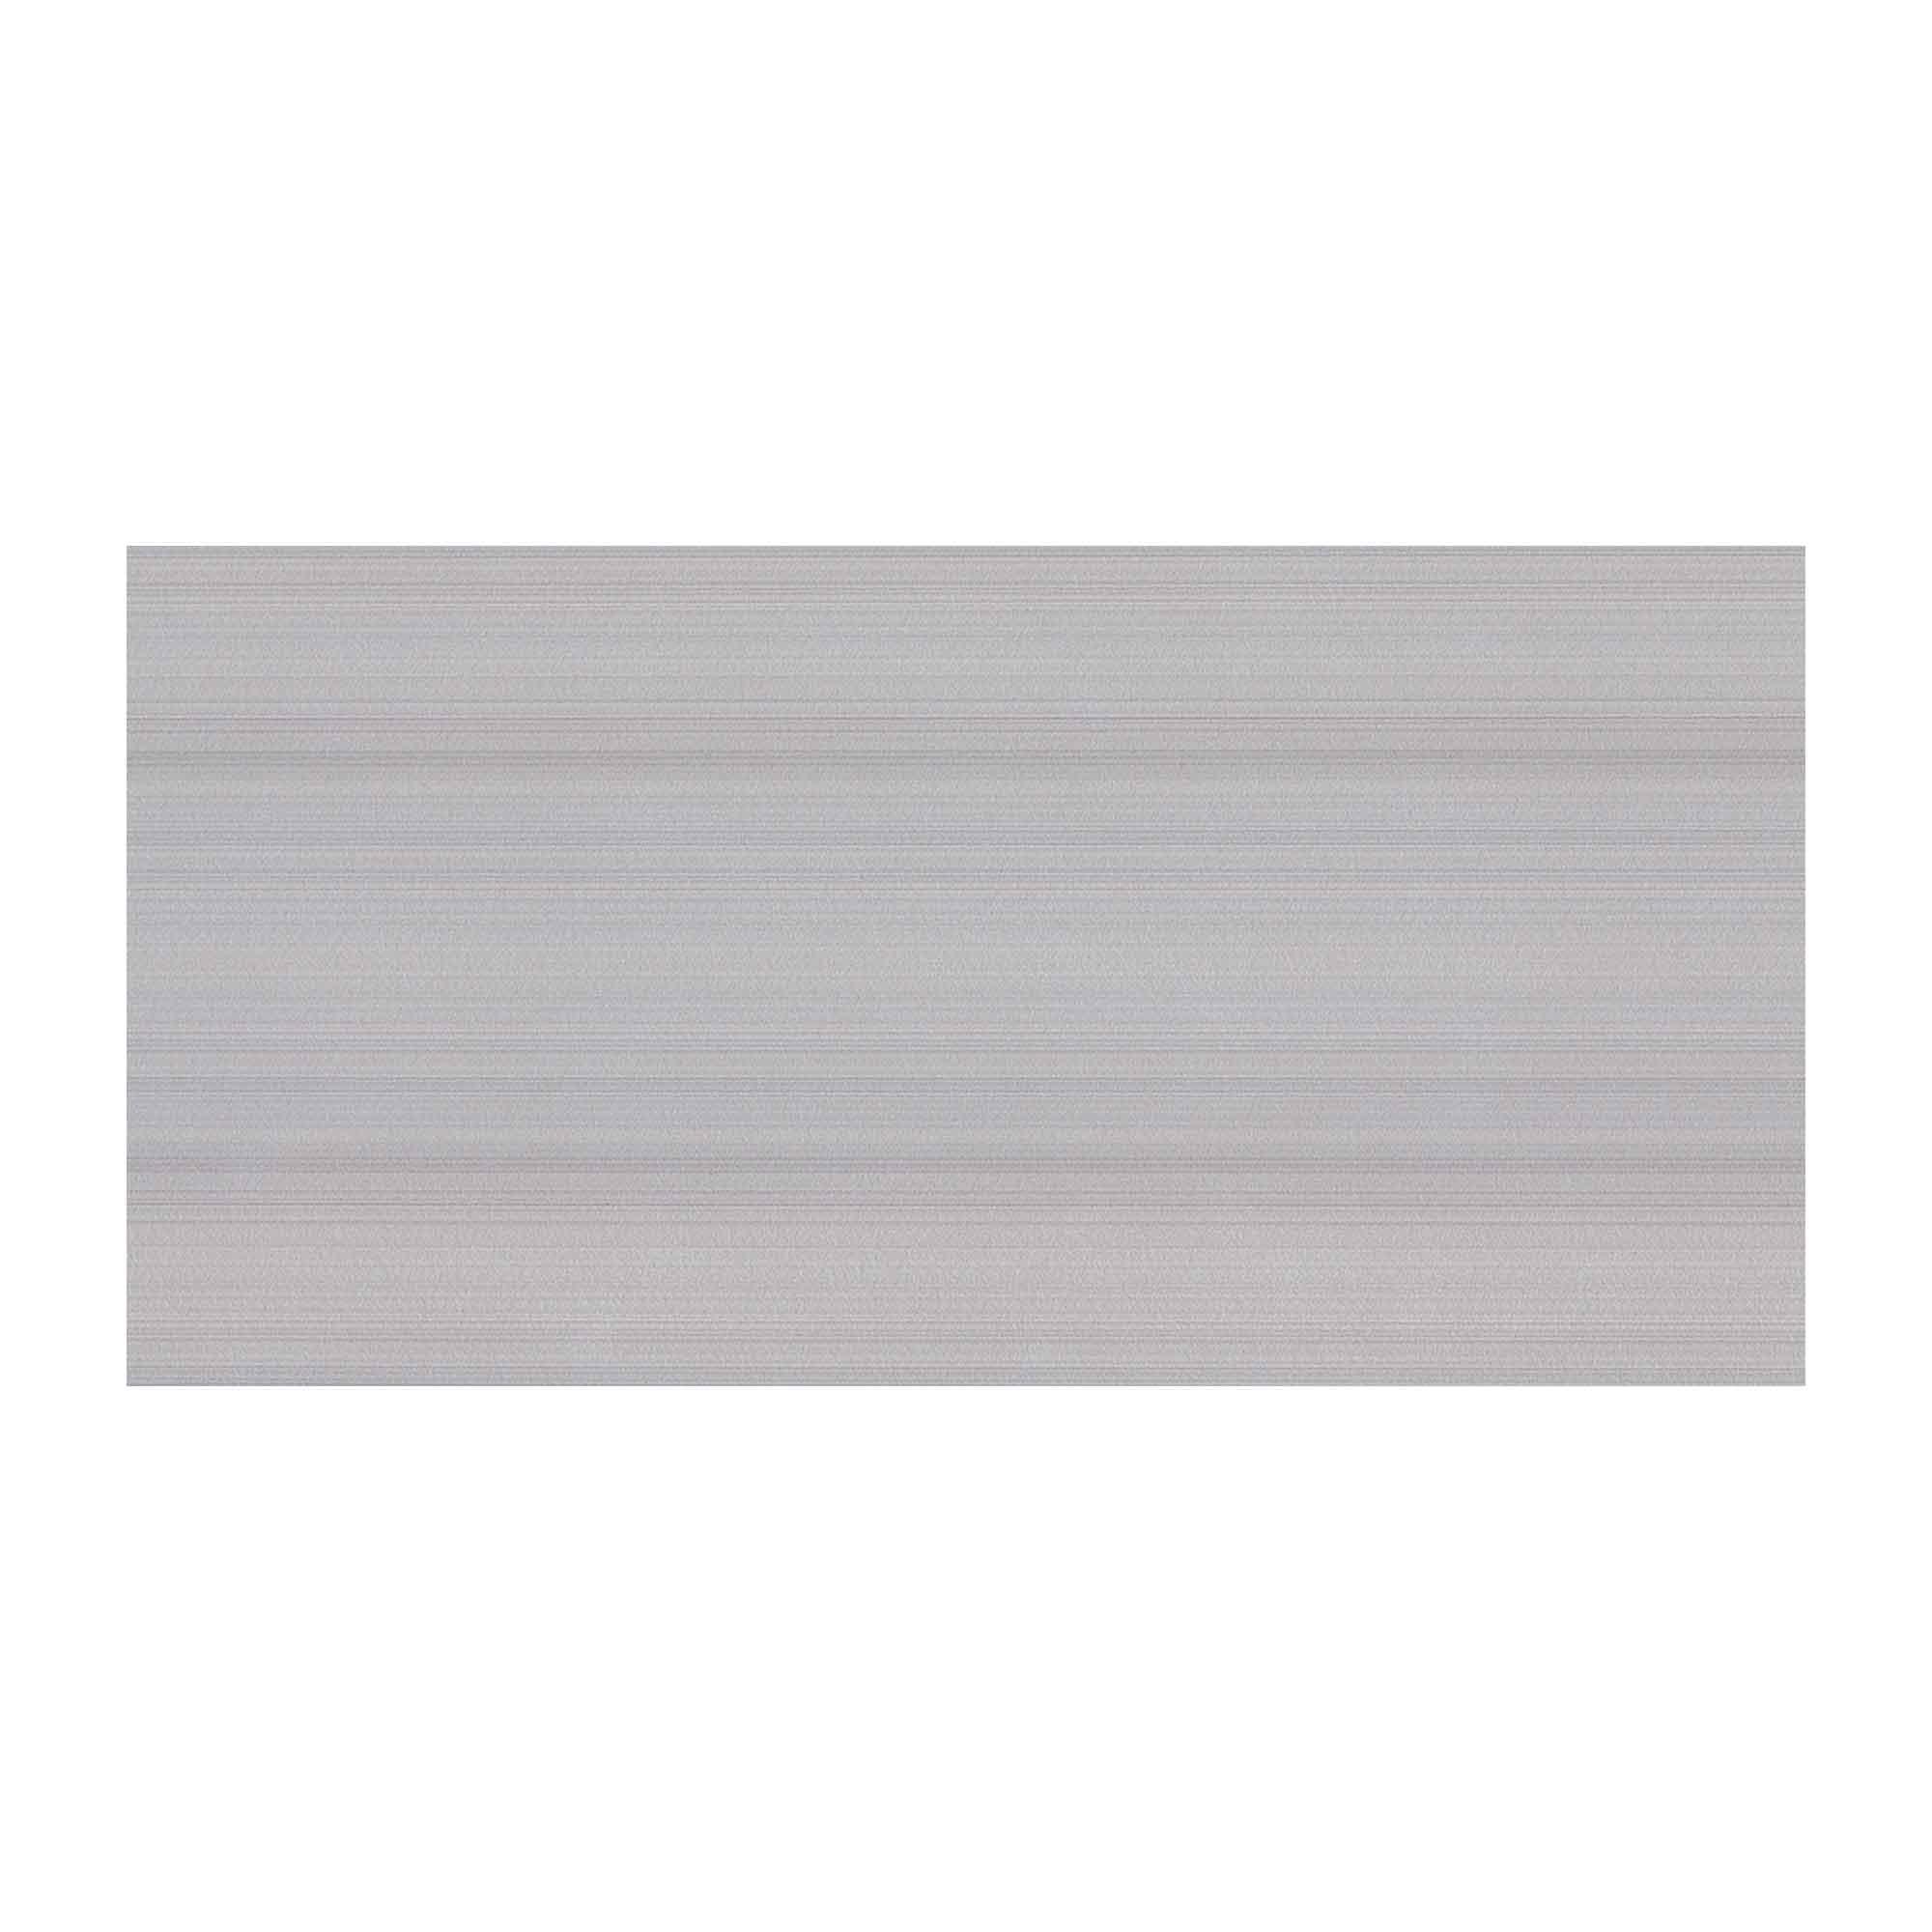 Faianta Stripes, 50 x 25 cm, gri, aspect lucios mathaus 2021